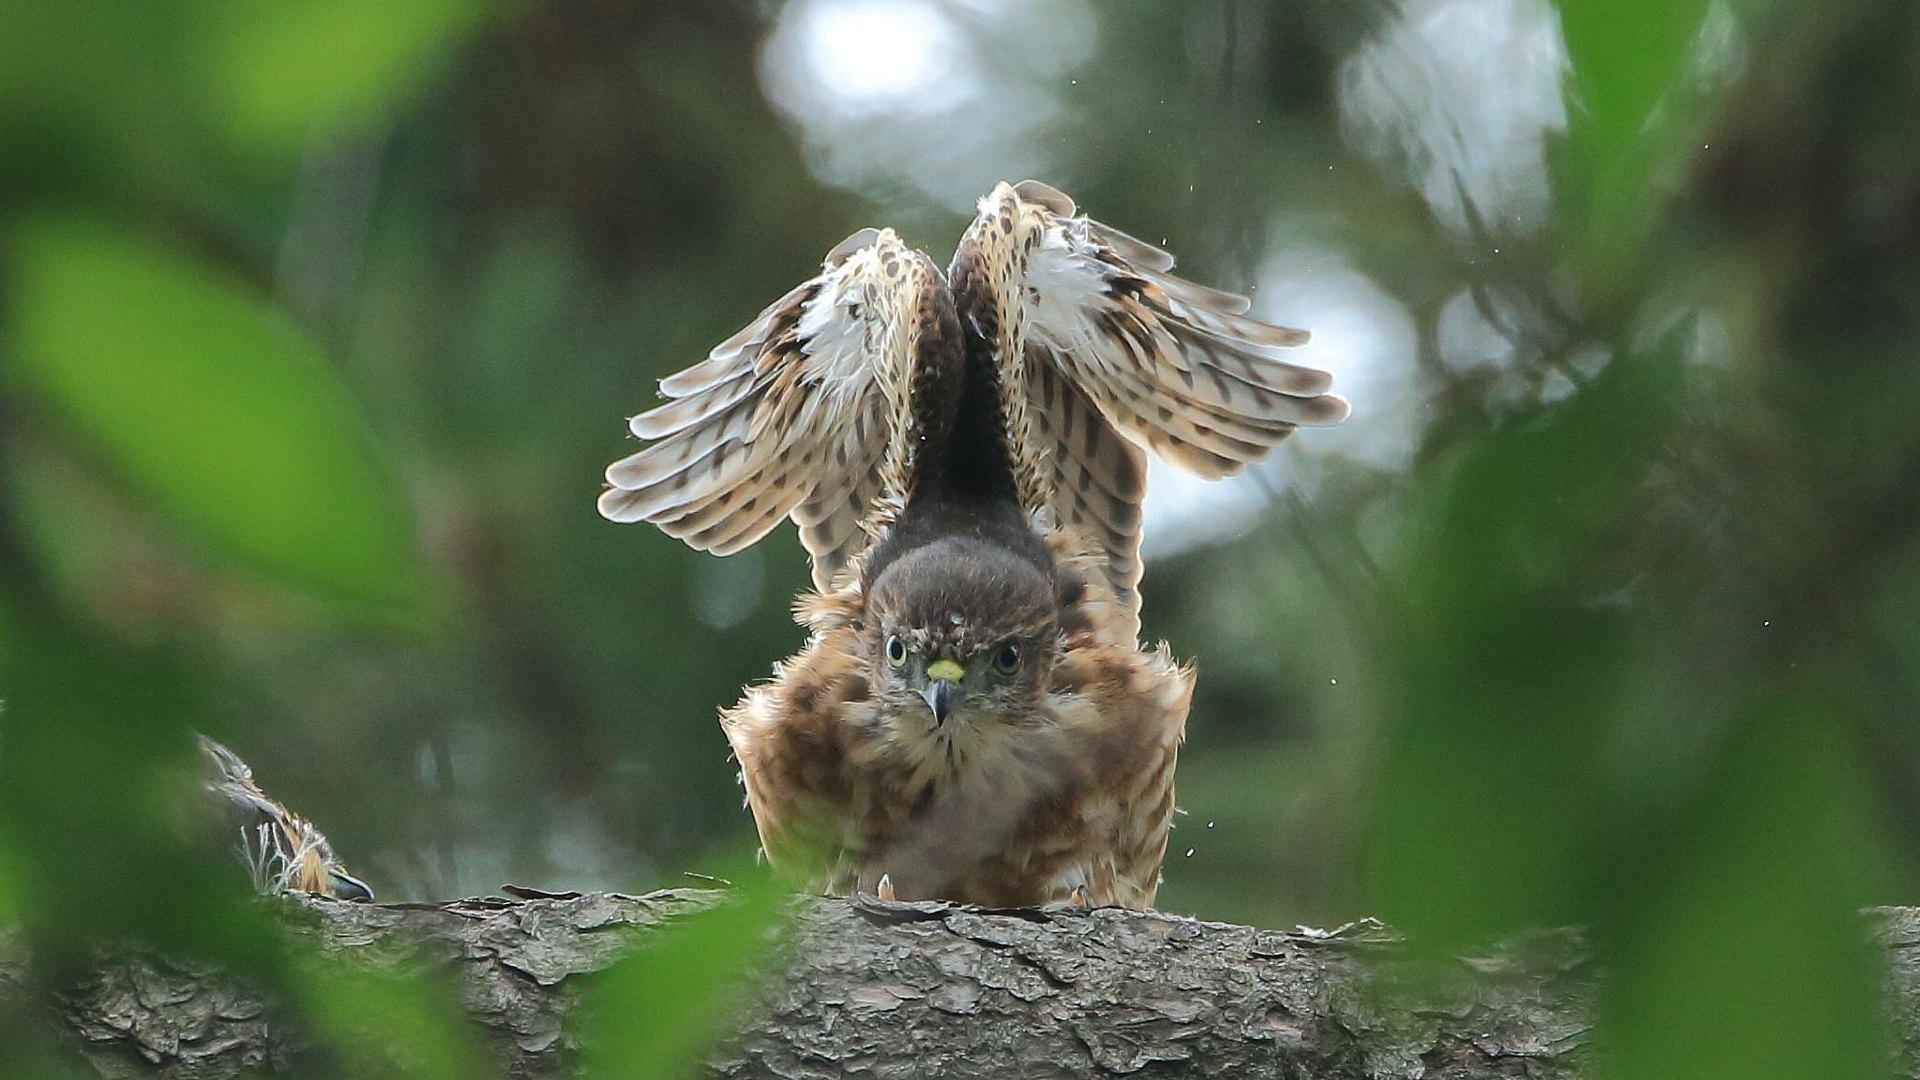 ツミ幼鳥のエンジェルポーズ_f0105570_22160656.jpg